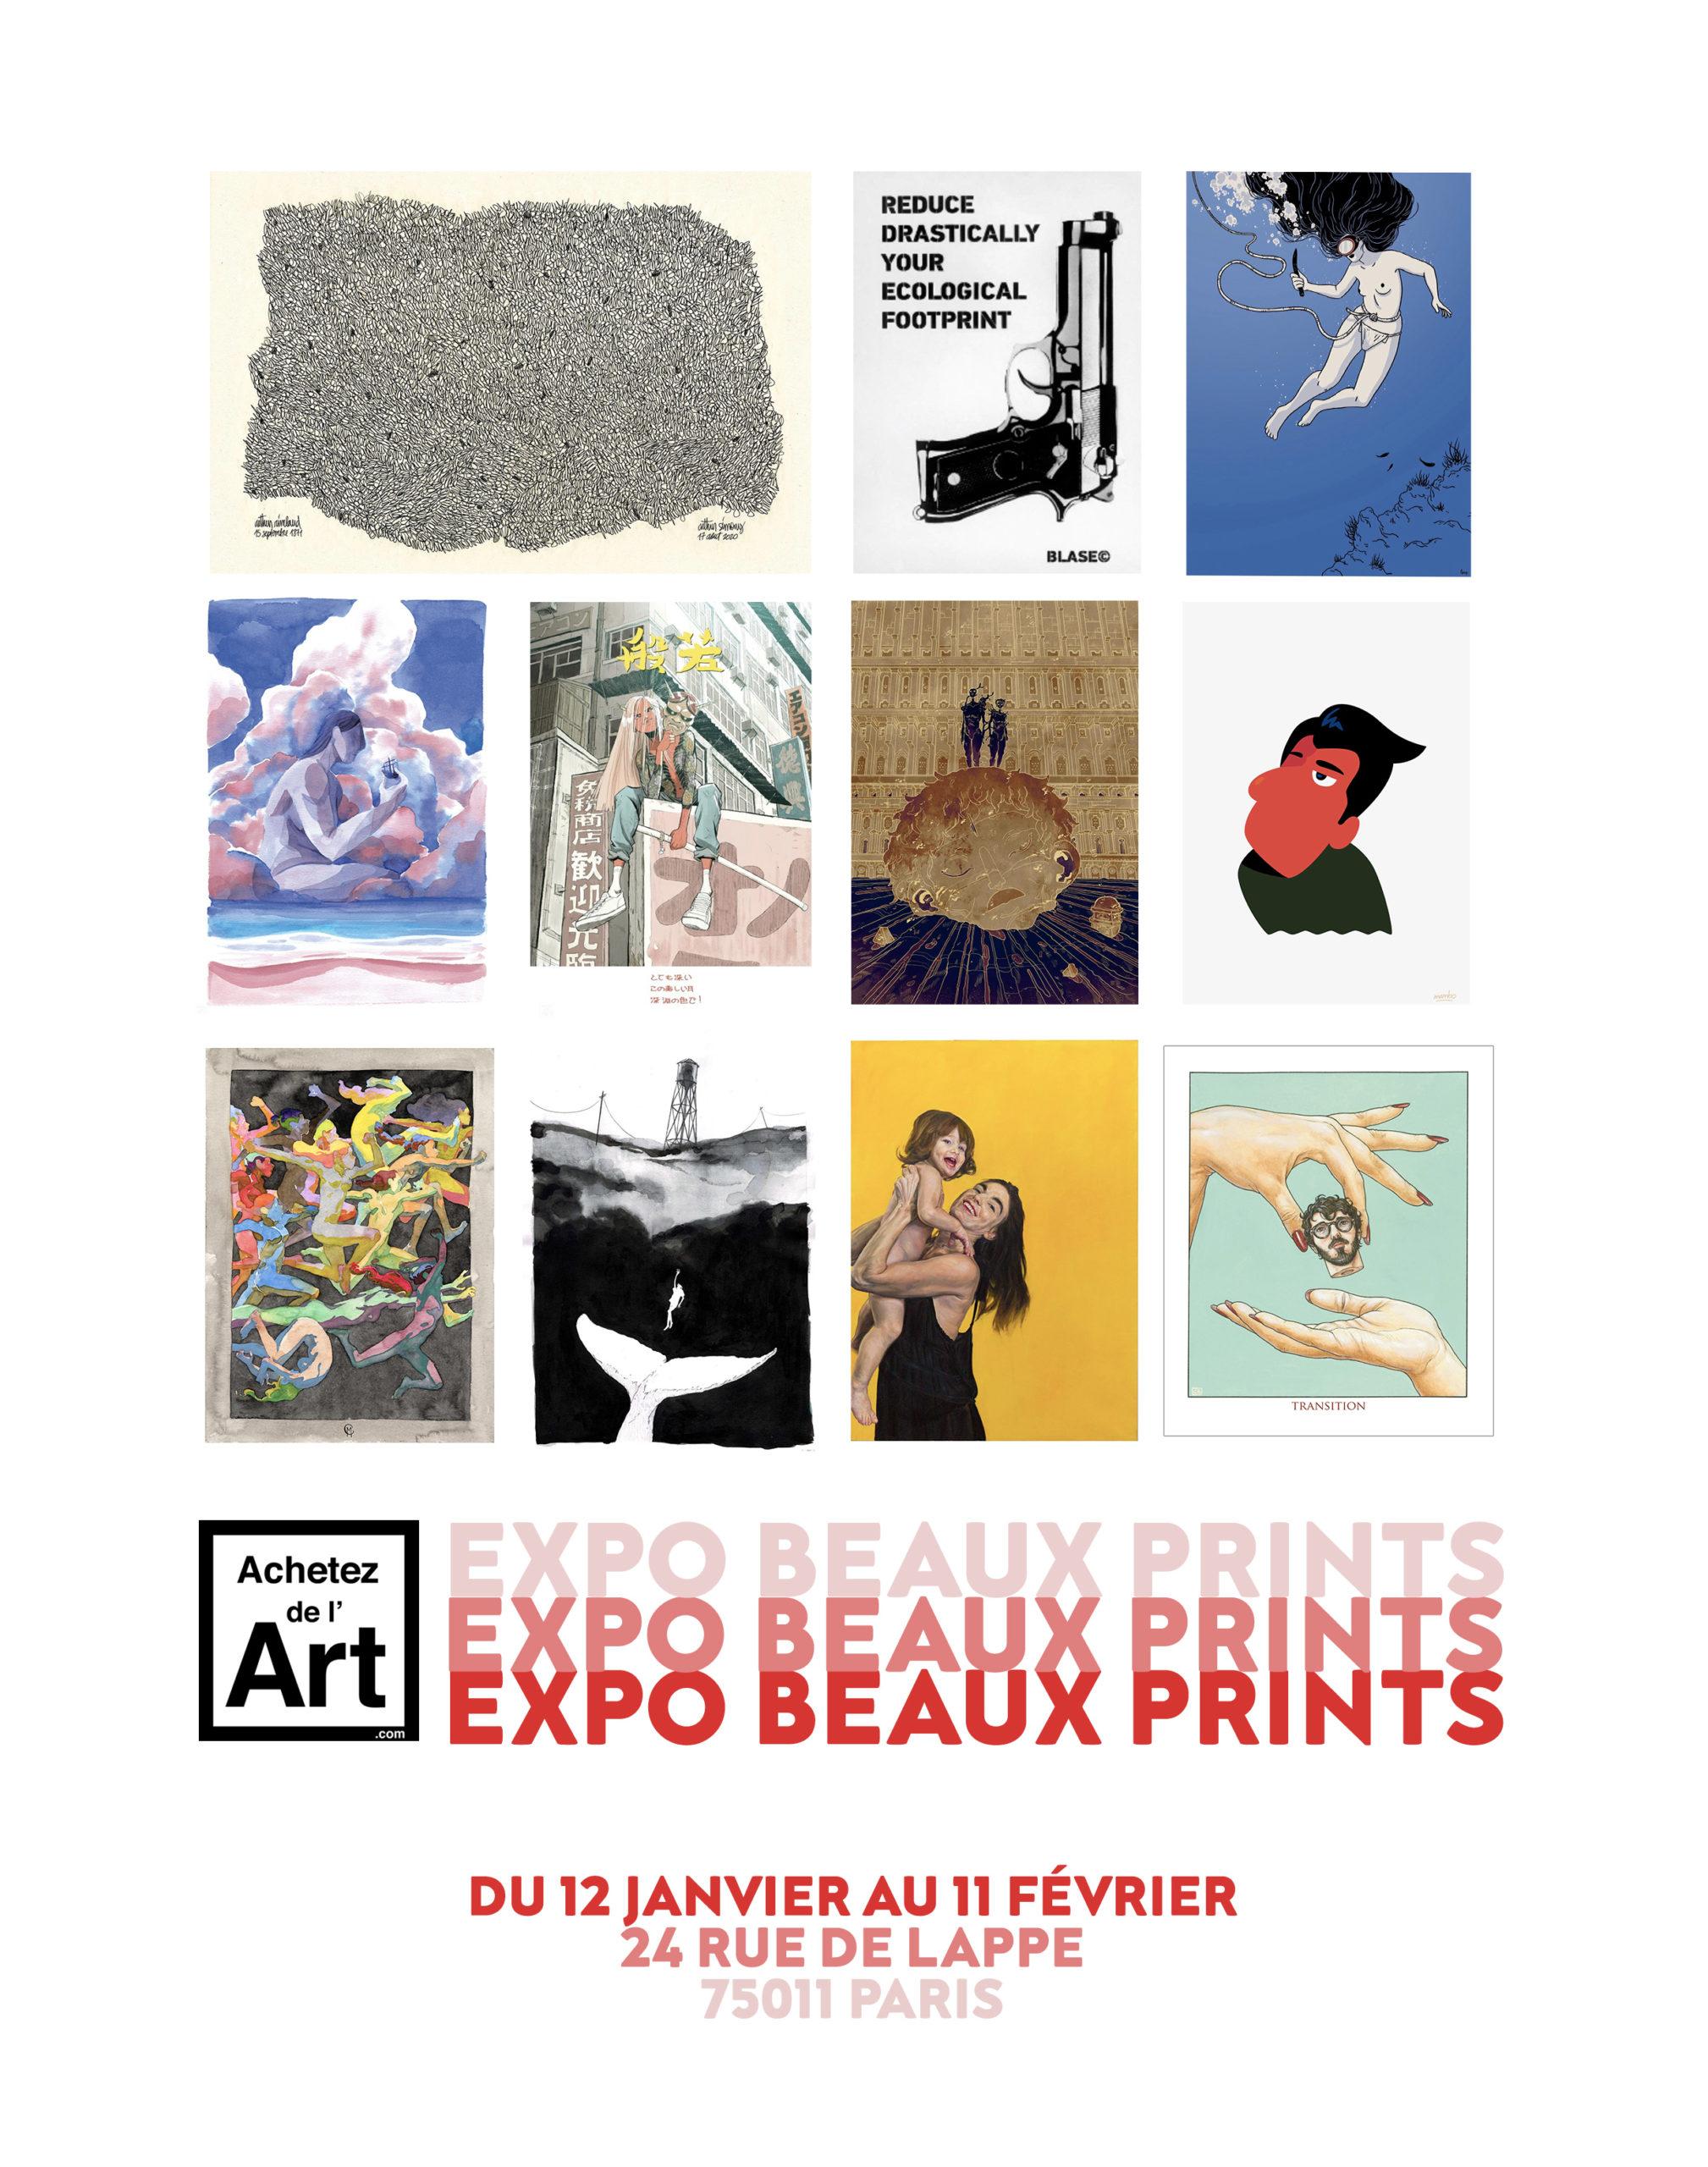 Expo Beaux Prints du 12 janvier au 11 février chez Achetez de l'Art